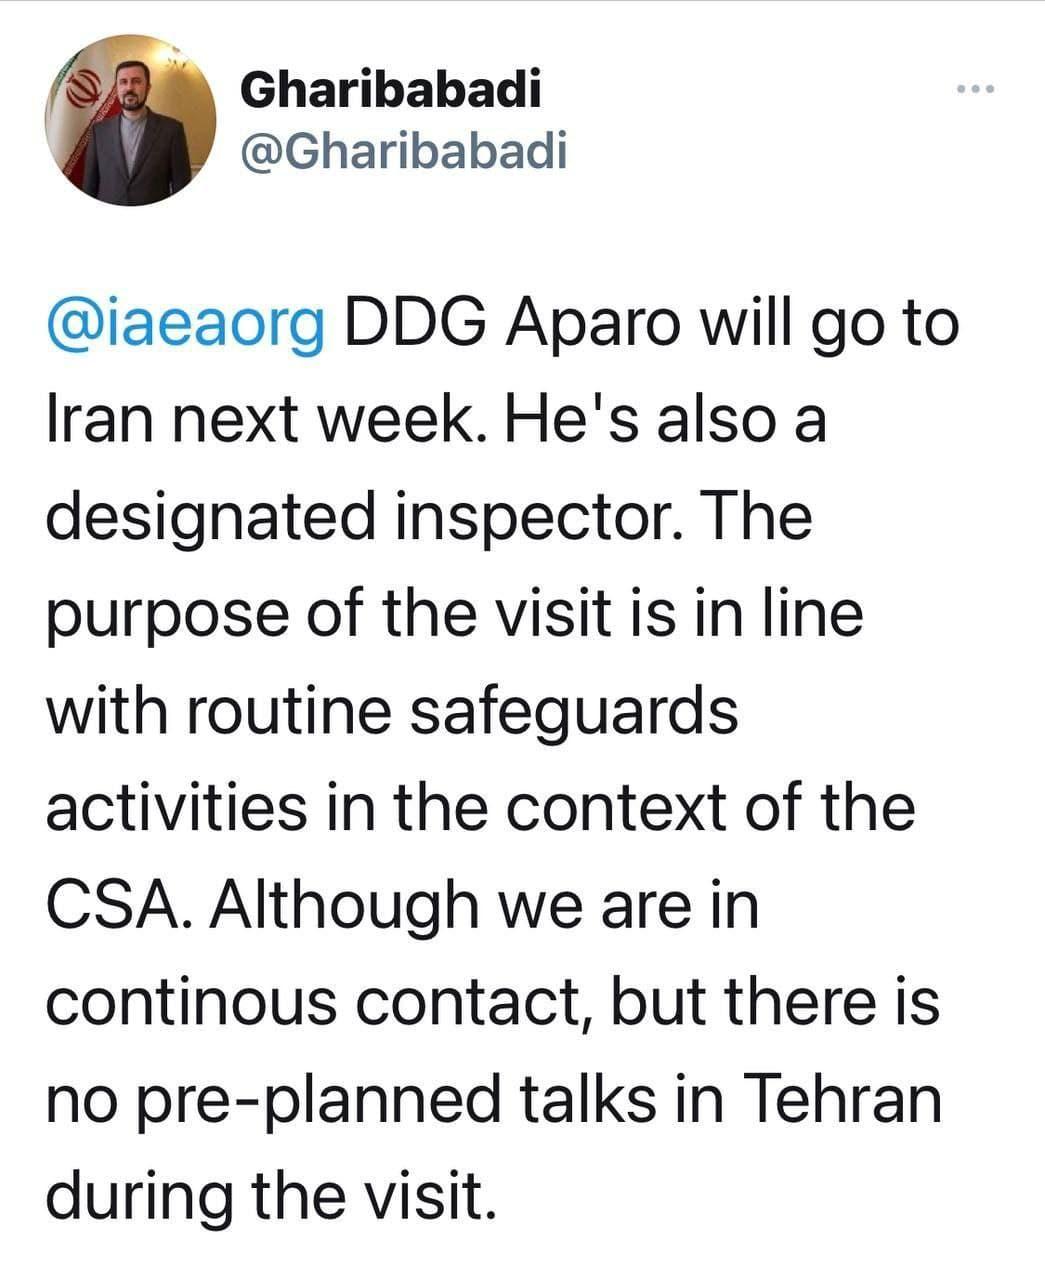 نماینده جمهوری اسلامی در وین:معاون مدیرکل آژانس این هفته به تهران میرود.